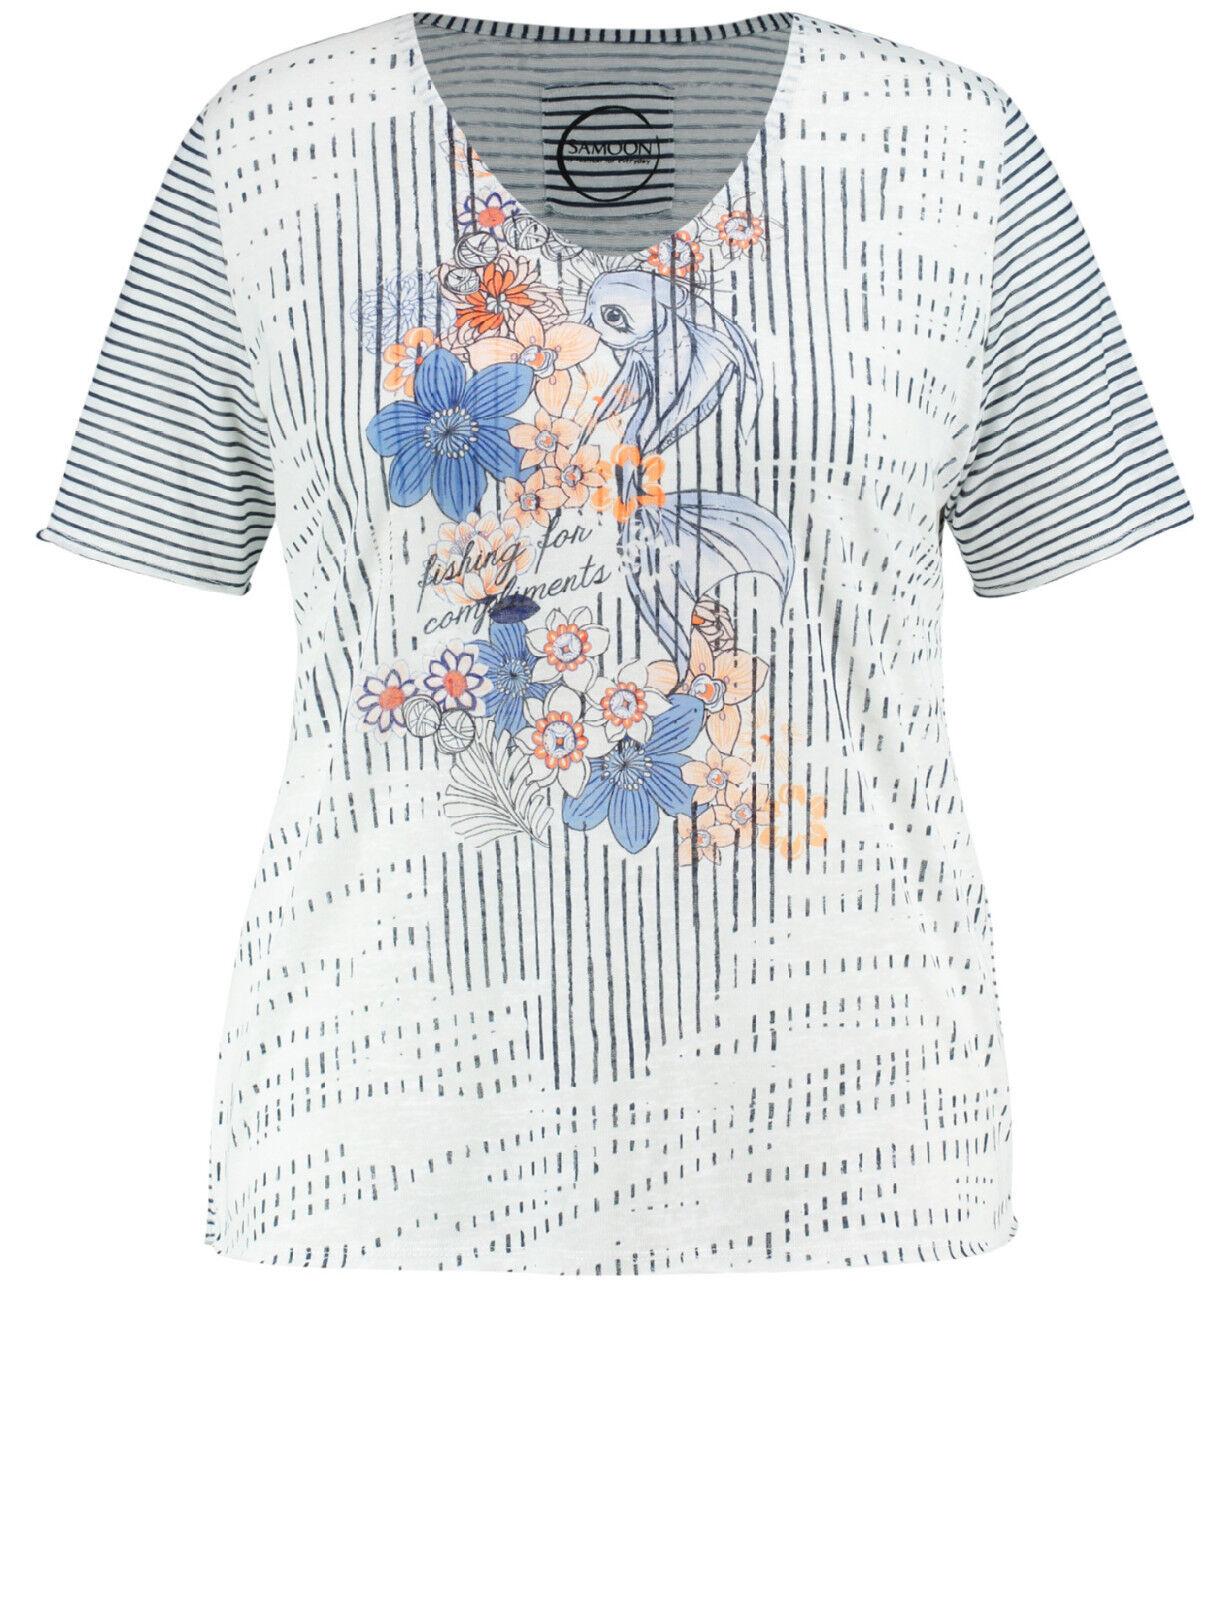 Samoon Shirt by Gerry Weber Neu leichtes TShirt Damen gestreift Gr.52